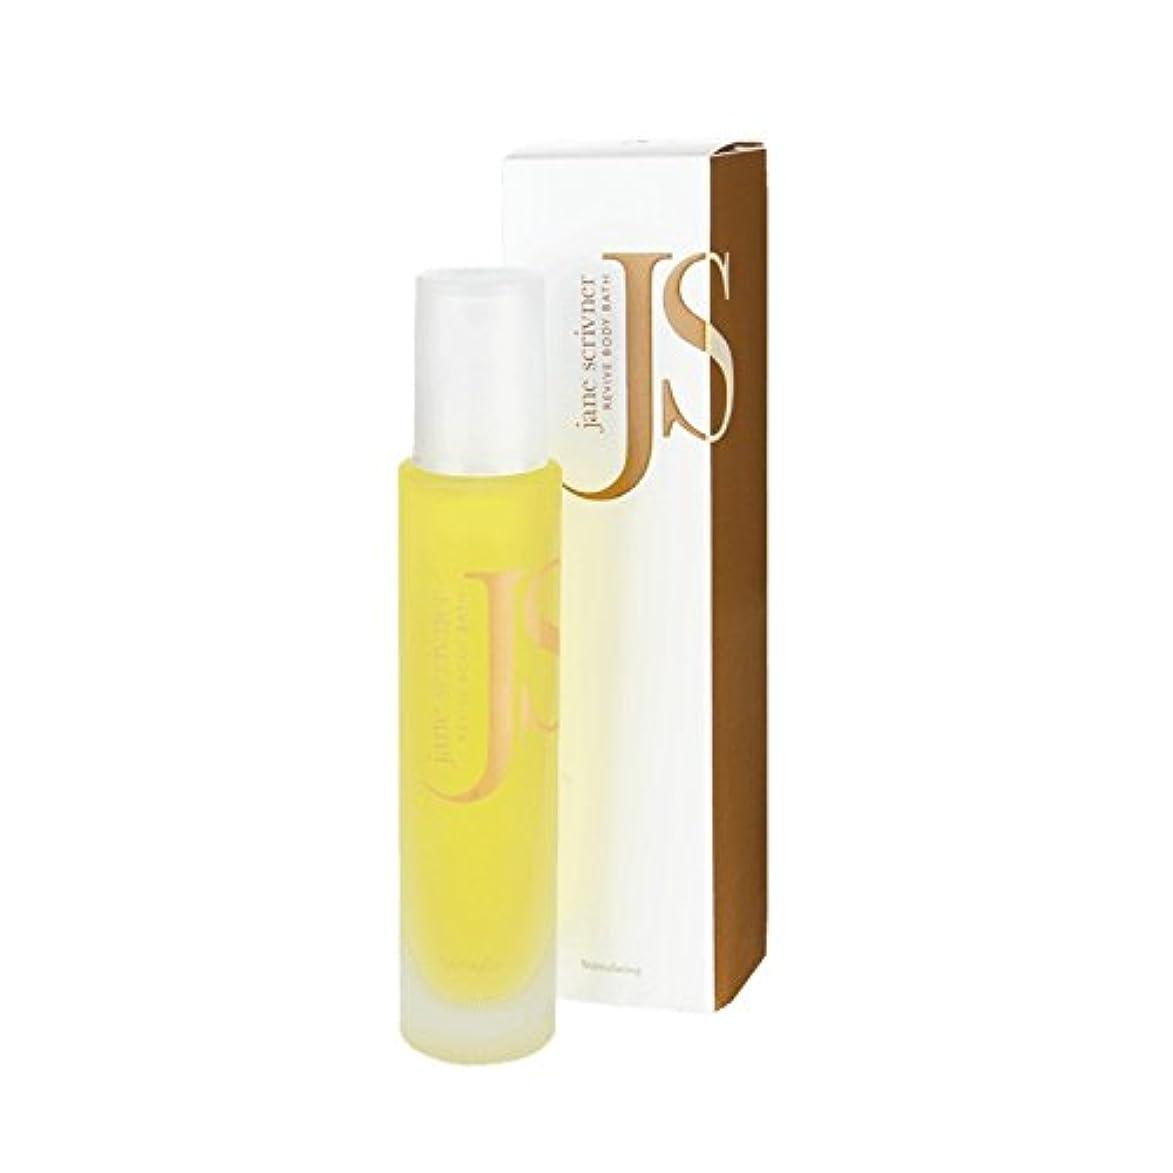 グロー堀ケージJane Scrivner Body Bath Oil Revive 100ml (Pack of 6) - ジェーンScrivnerボディバスオイル100ミリリットルを復活させます (x6) [並行輸入品]